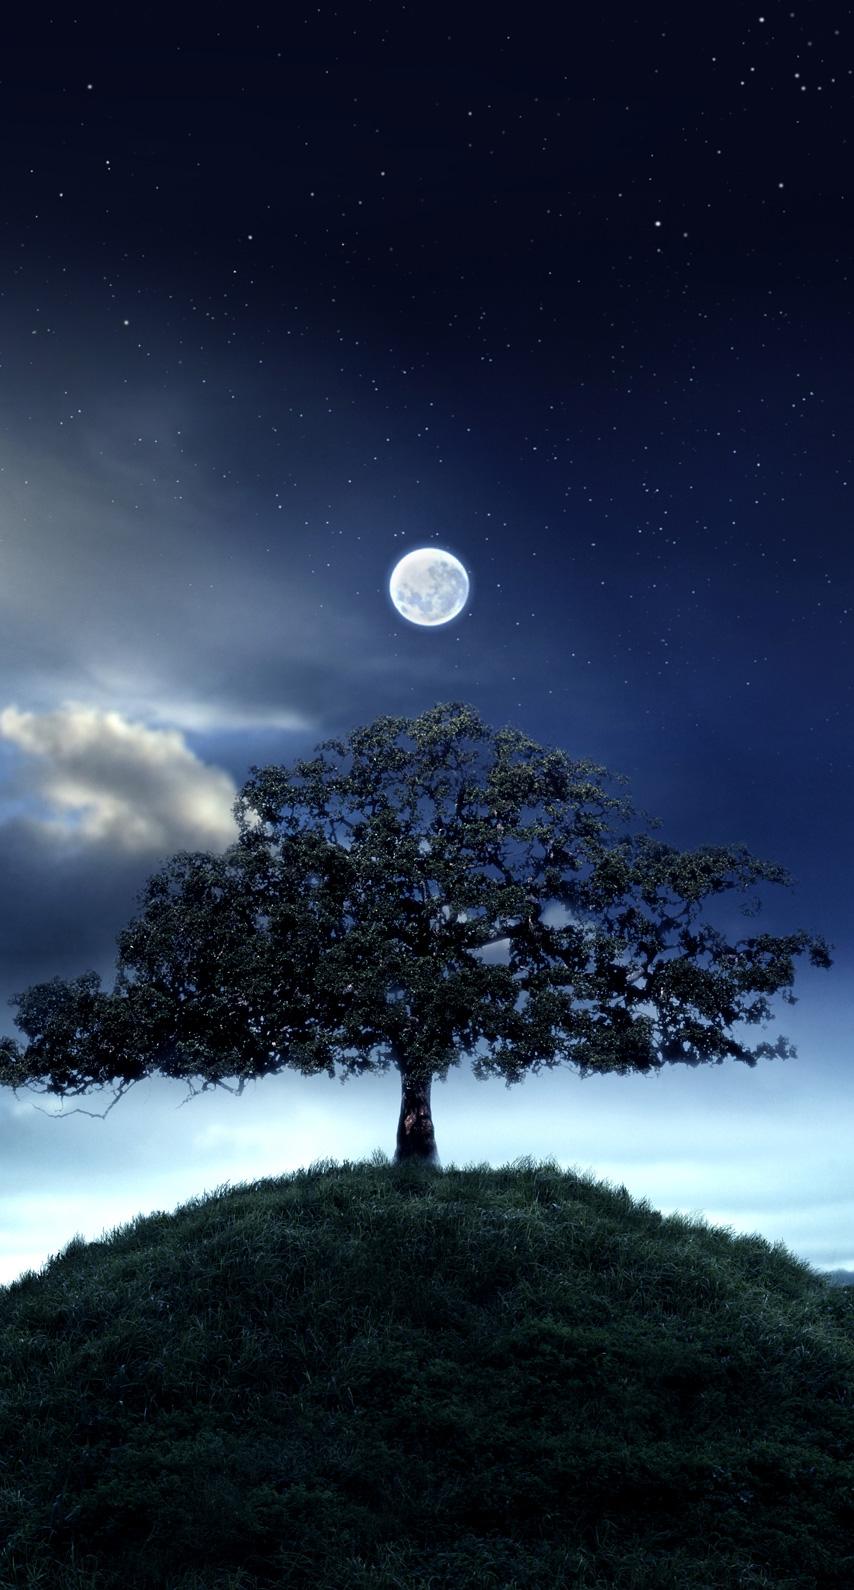 midnight, phenomenon